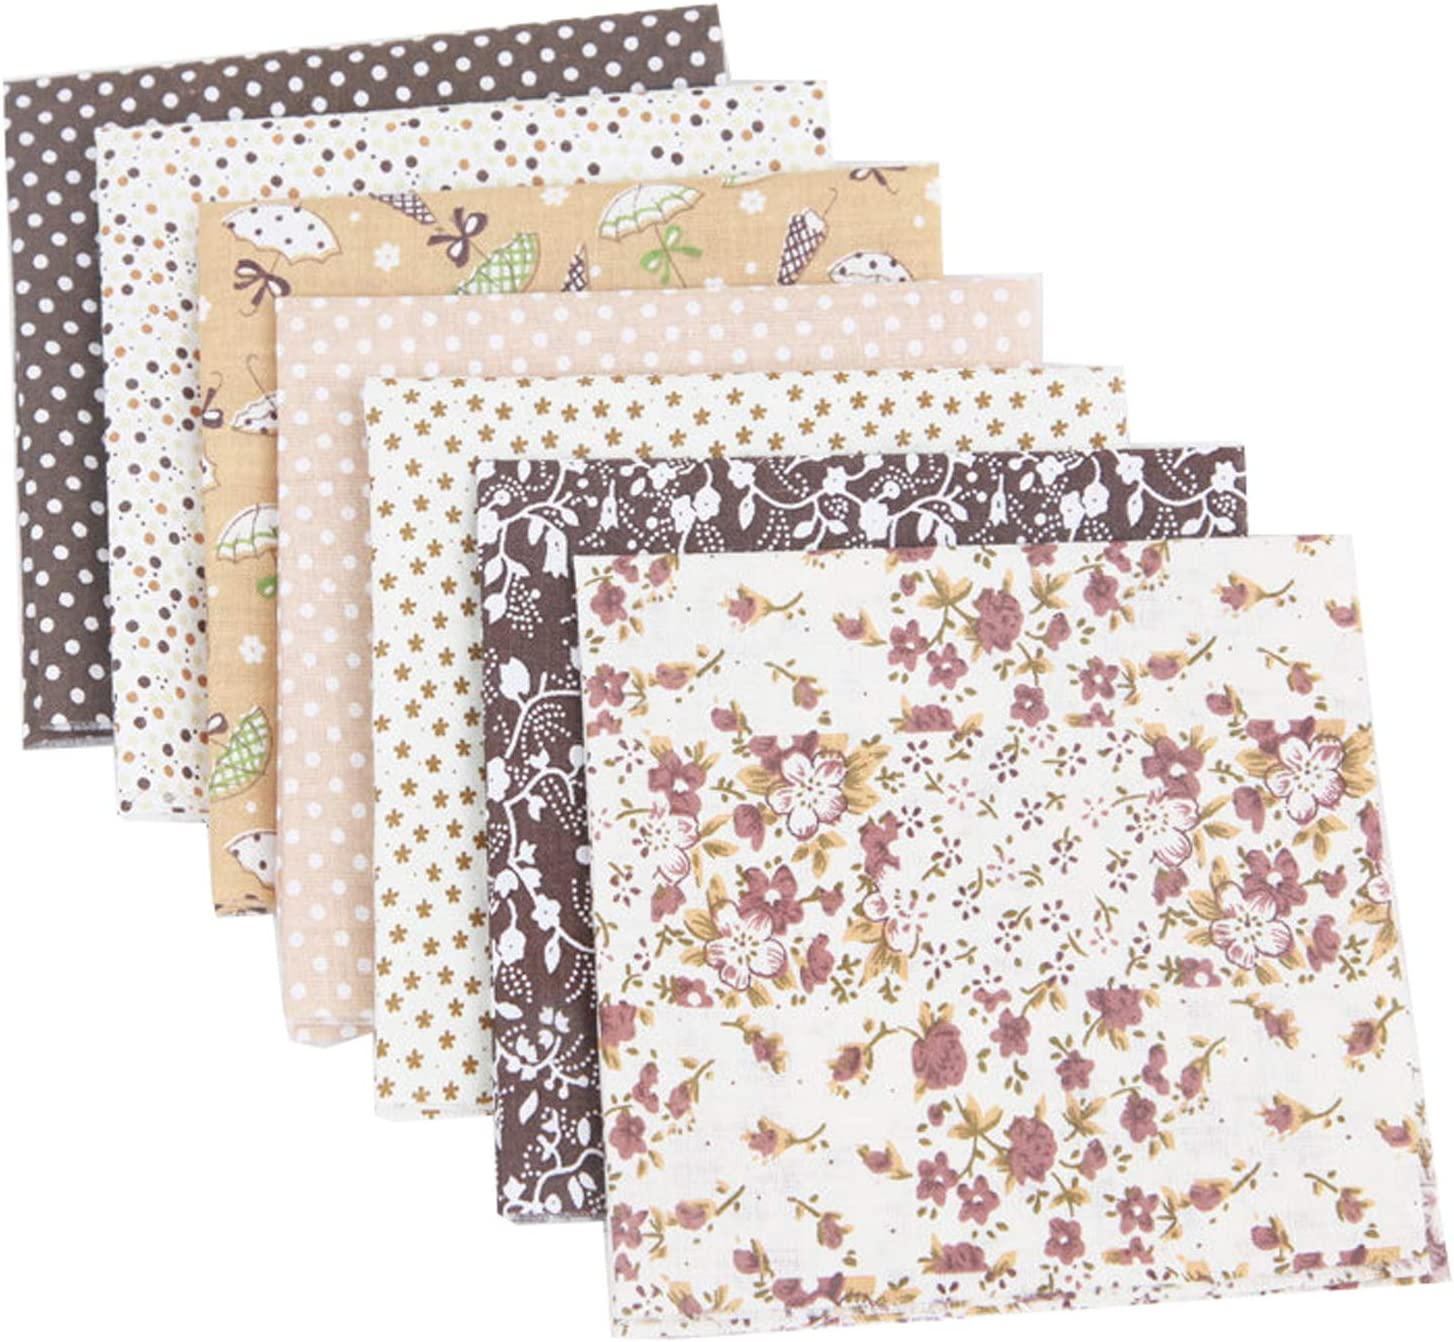 Cotton Fat Quarter FC Fabric Bundle 20 Piece Lot REDS Quilting Patchwork Crafts